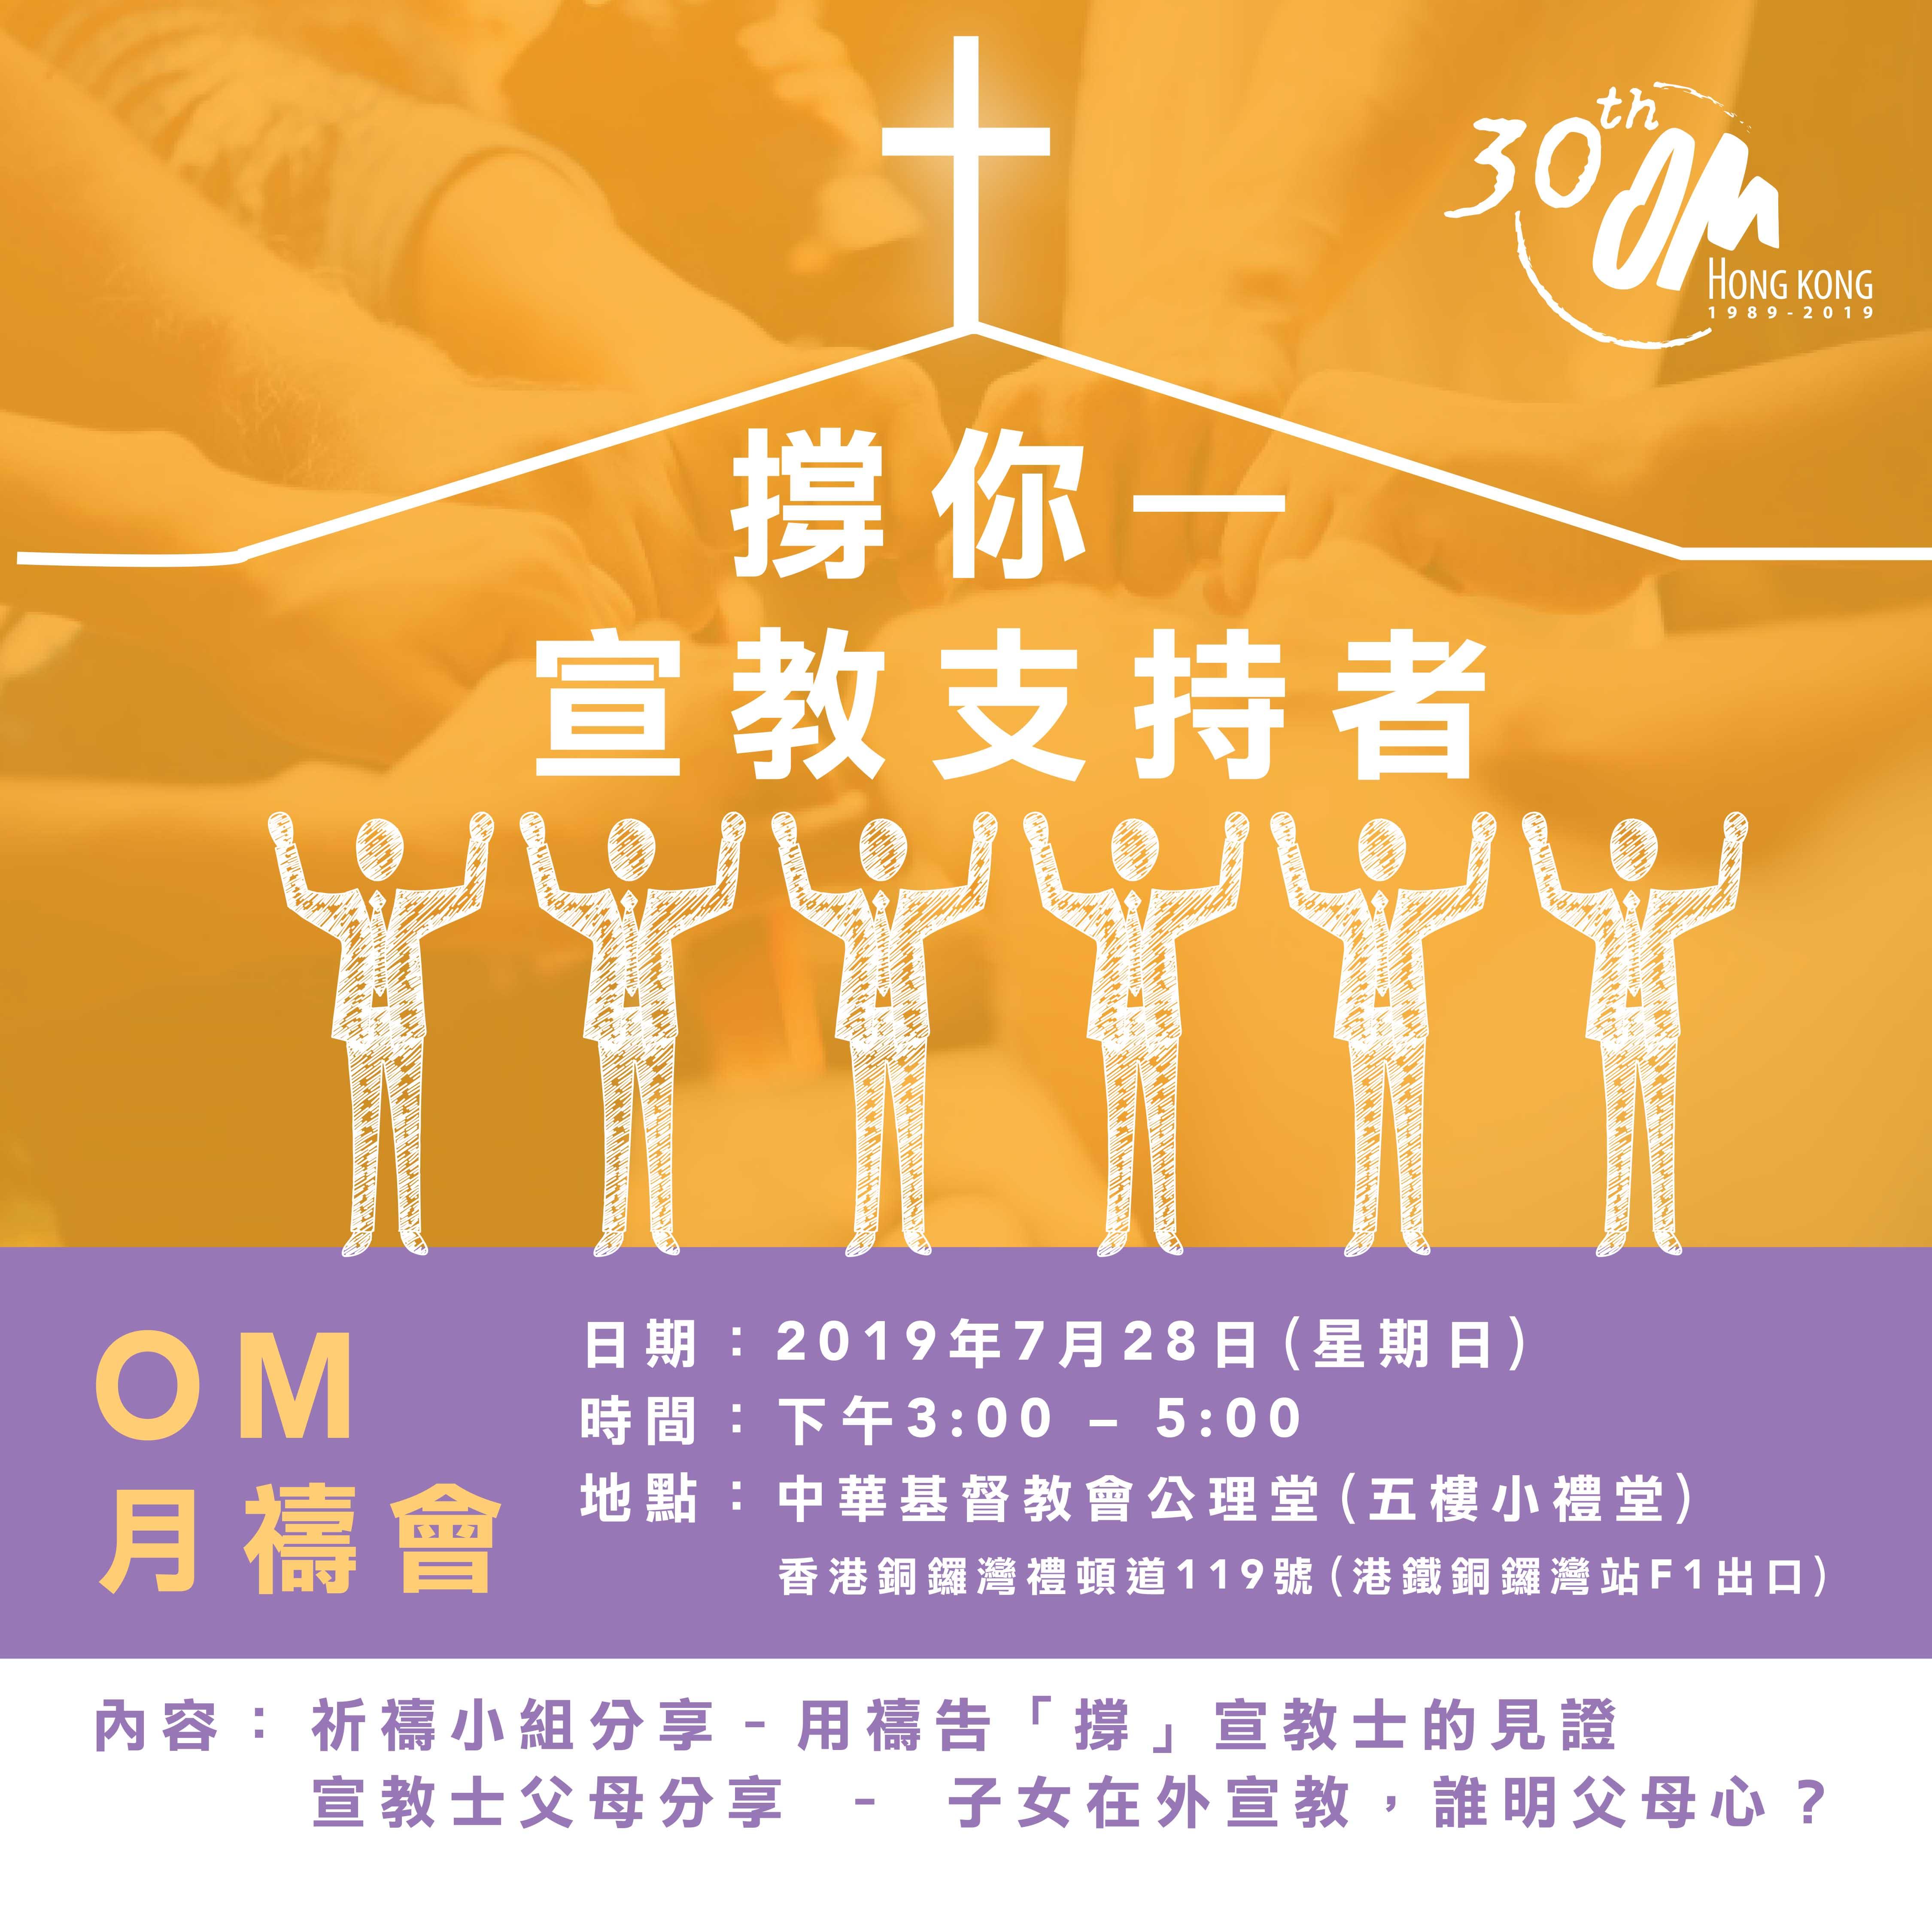 OM月禱會:撐你 — 宣教支持者